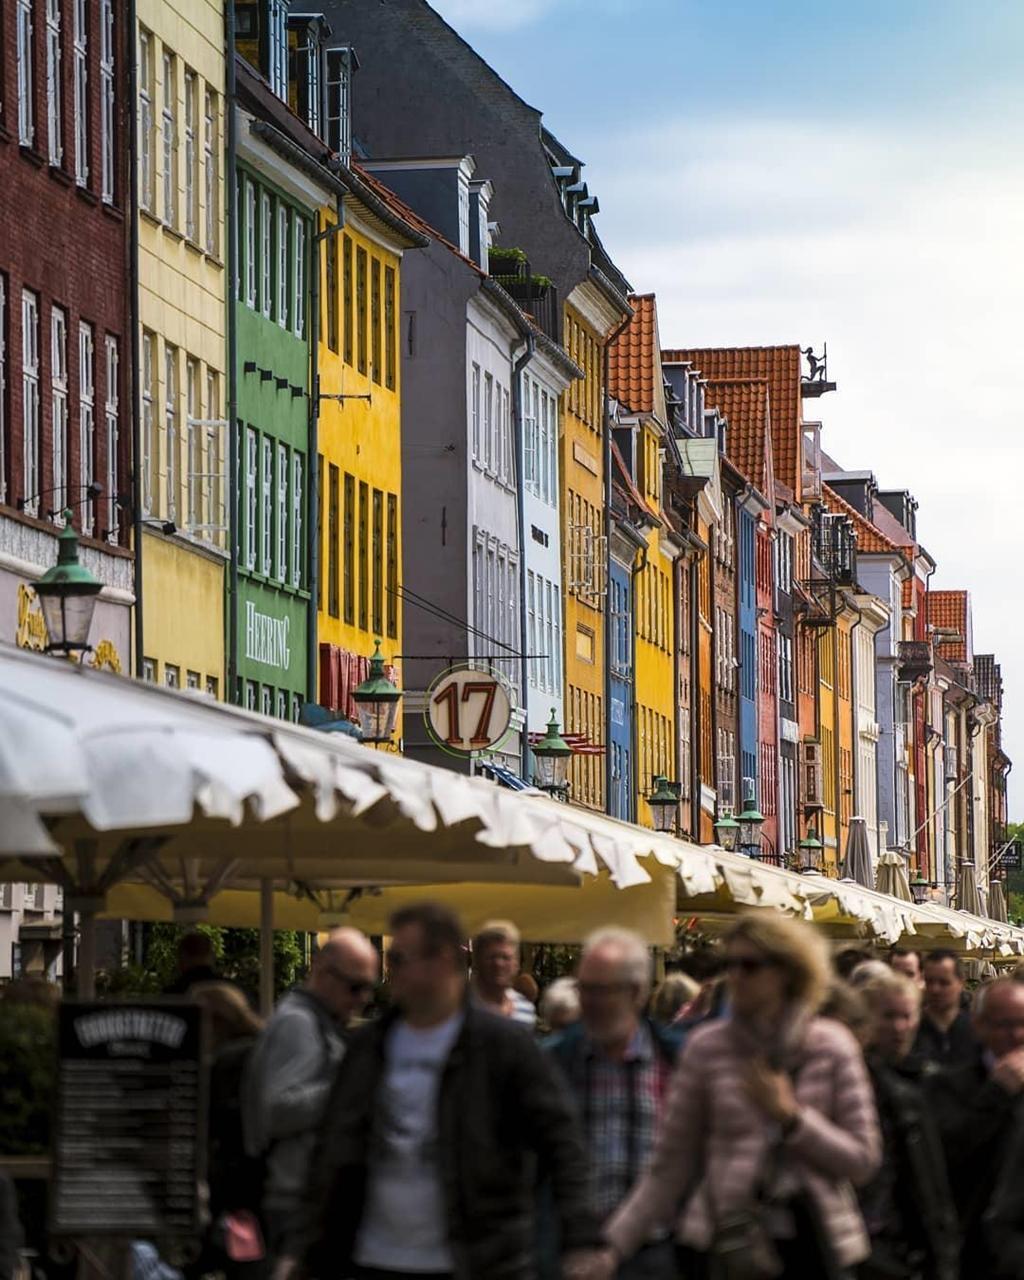 Khám phá 'nền văn minh ngoài hành tinh' ở thủ đô Đan Mạch Ảnh 2